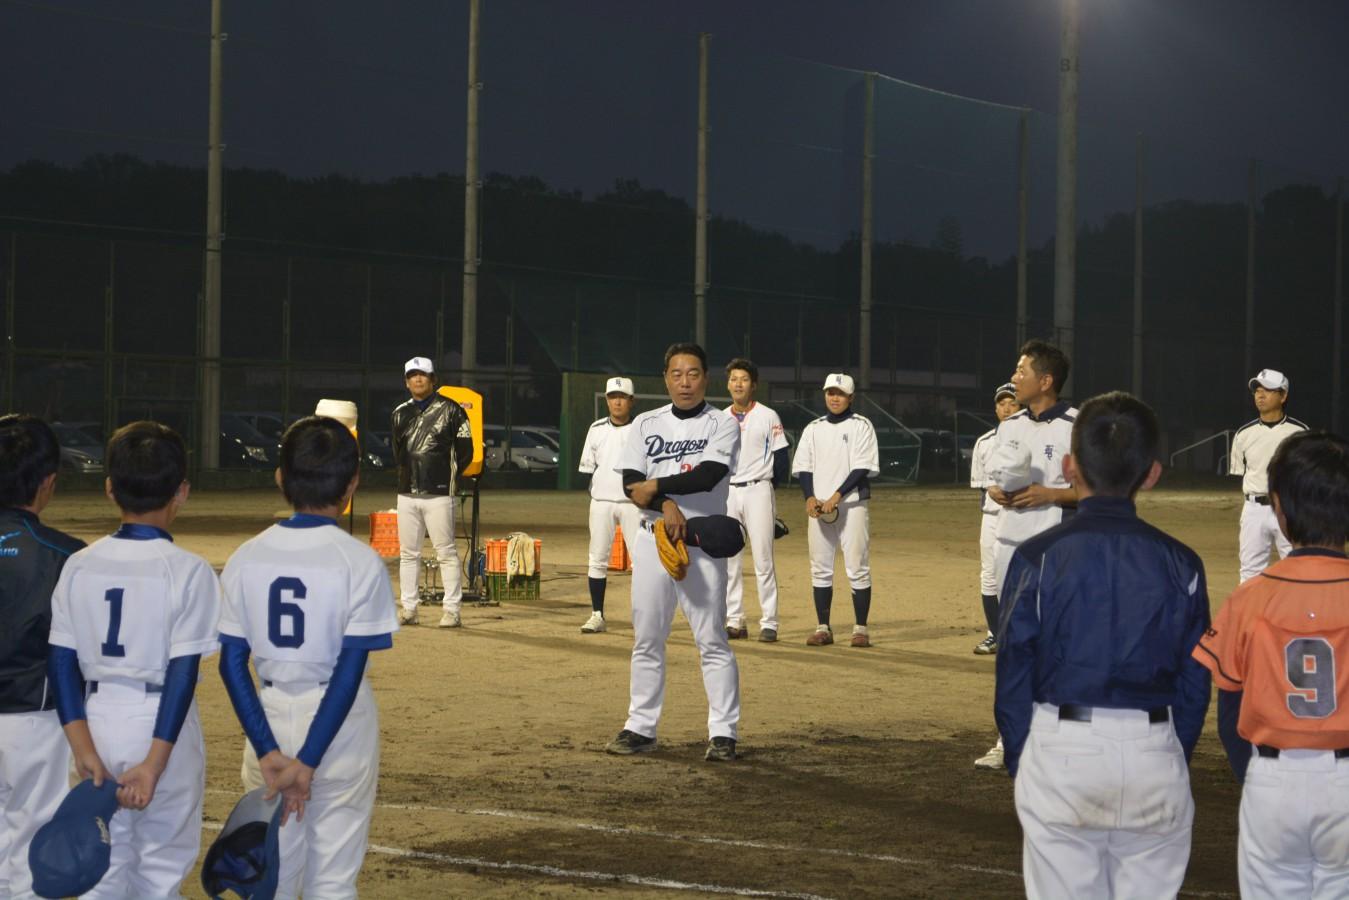 体験会スペシャルゲスト 小松辰雄さん 2015/10/11